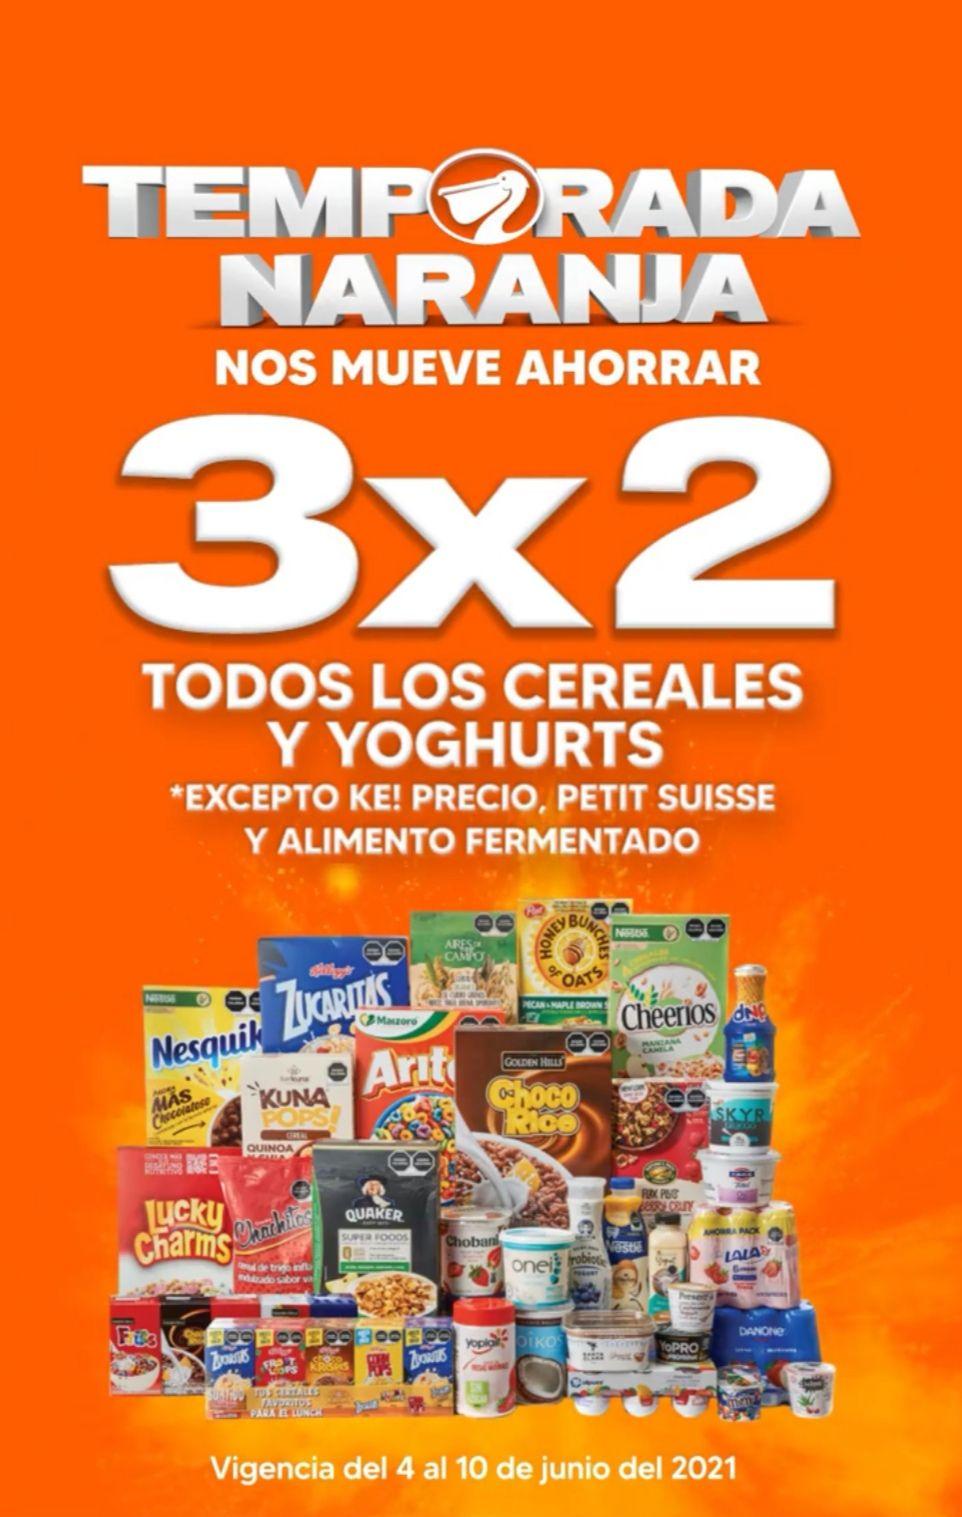 La Comer y Fresko: 1° Oferta Estelar Temporada Naranja 2021: 3 x 2 en todos los cereales y yoghurts